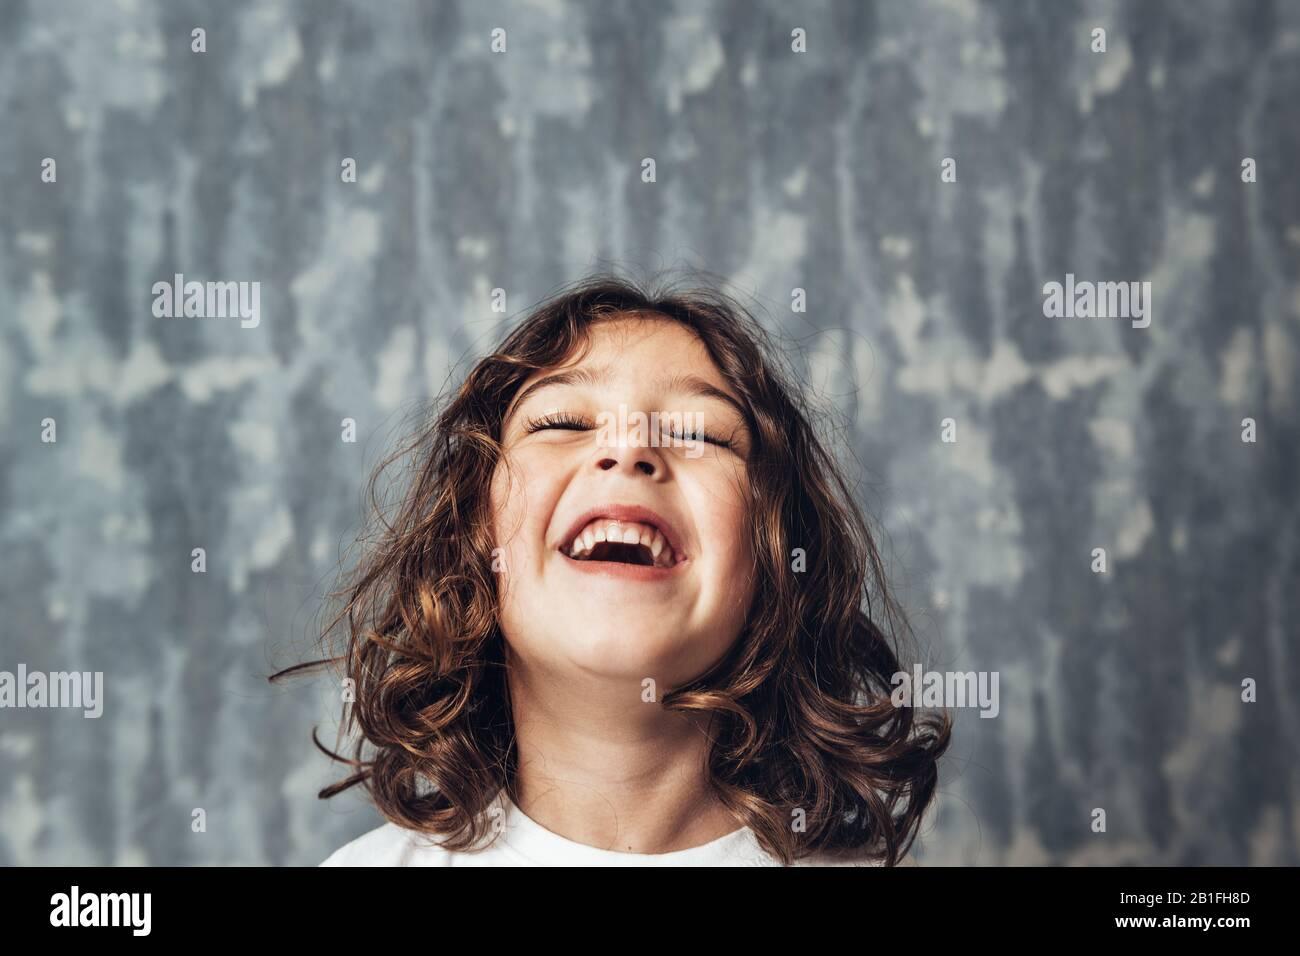 Porträt eines glücklichen kleinen Mädchens, das auf blauem Hintergrund lachen, glückliches Kindheits- und Lifestyle-Konzept, Platz für Text kopieren Stockfoto